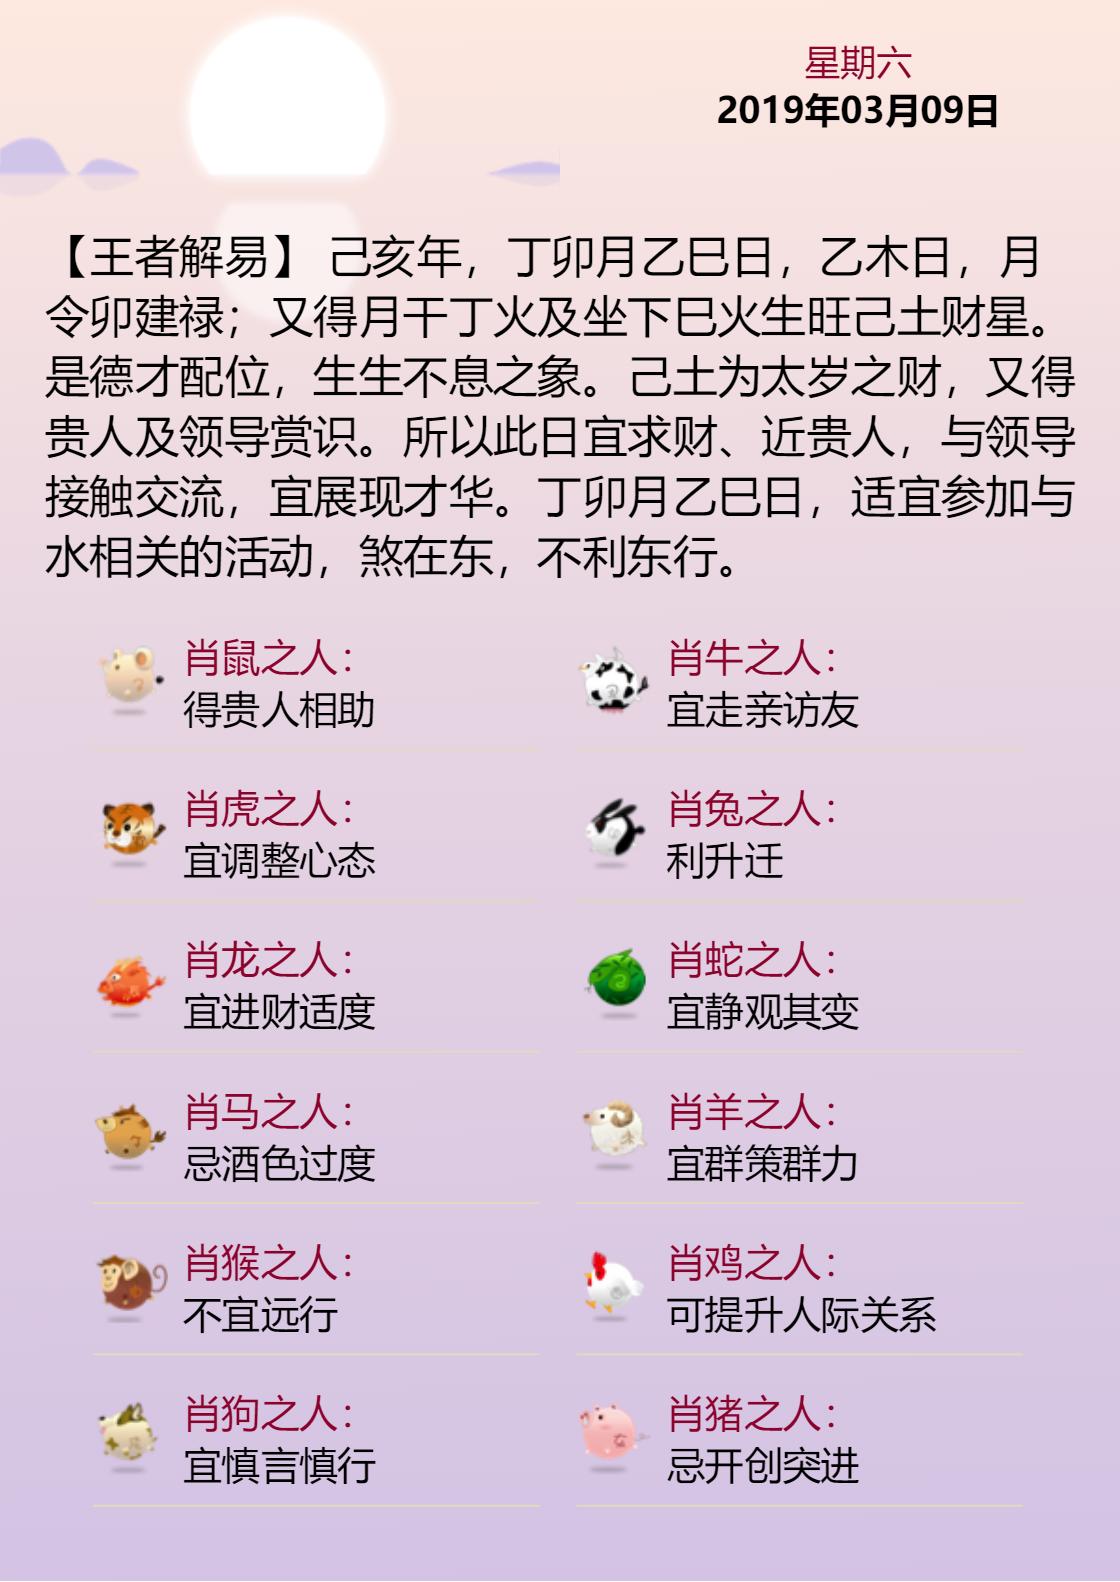 黄历海报20190309.png